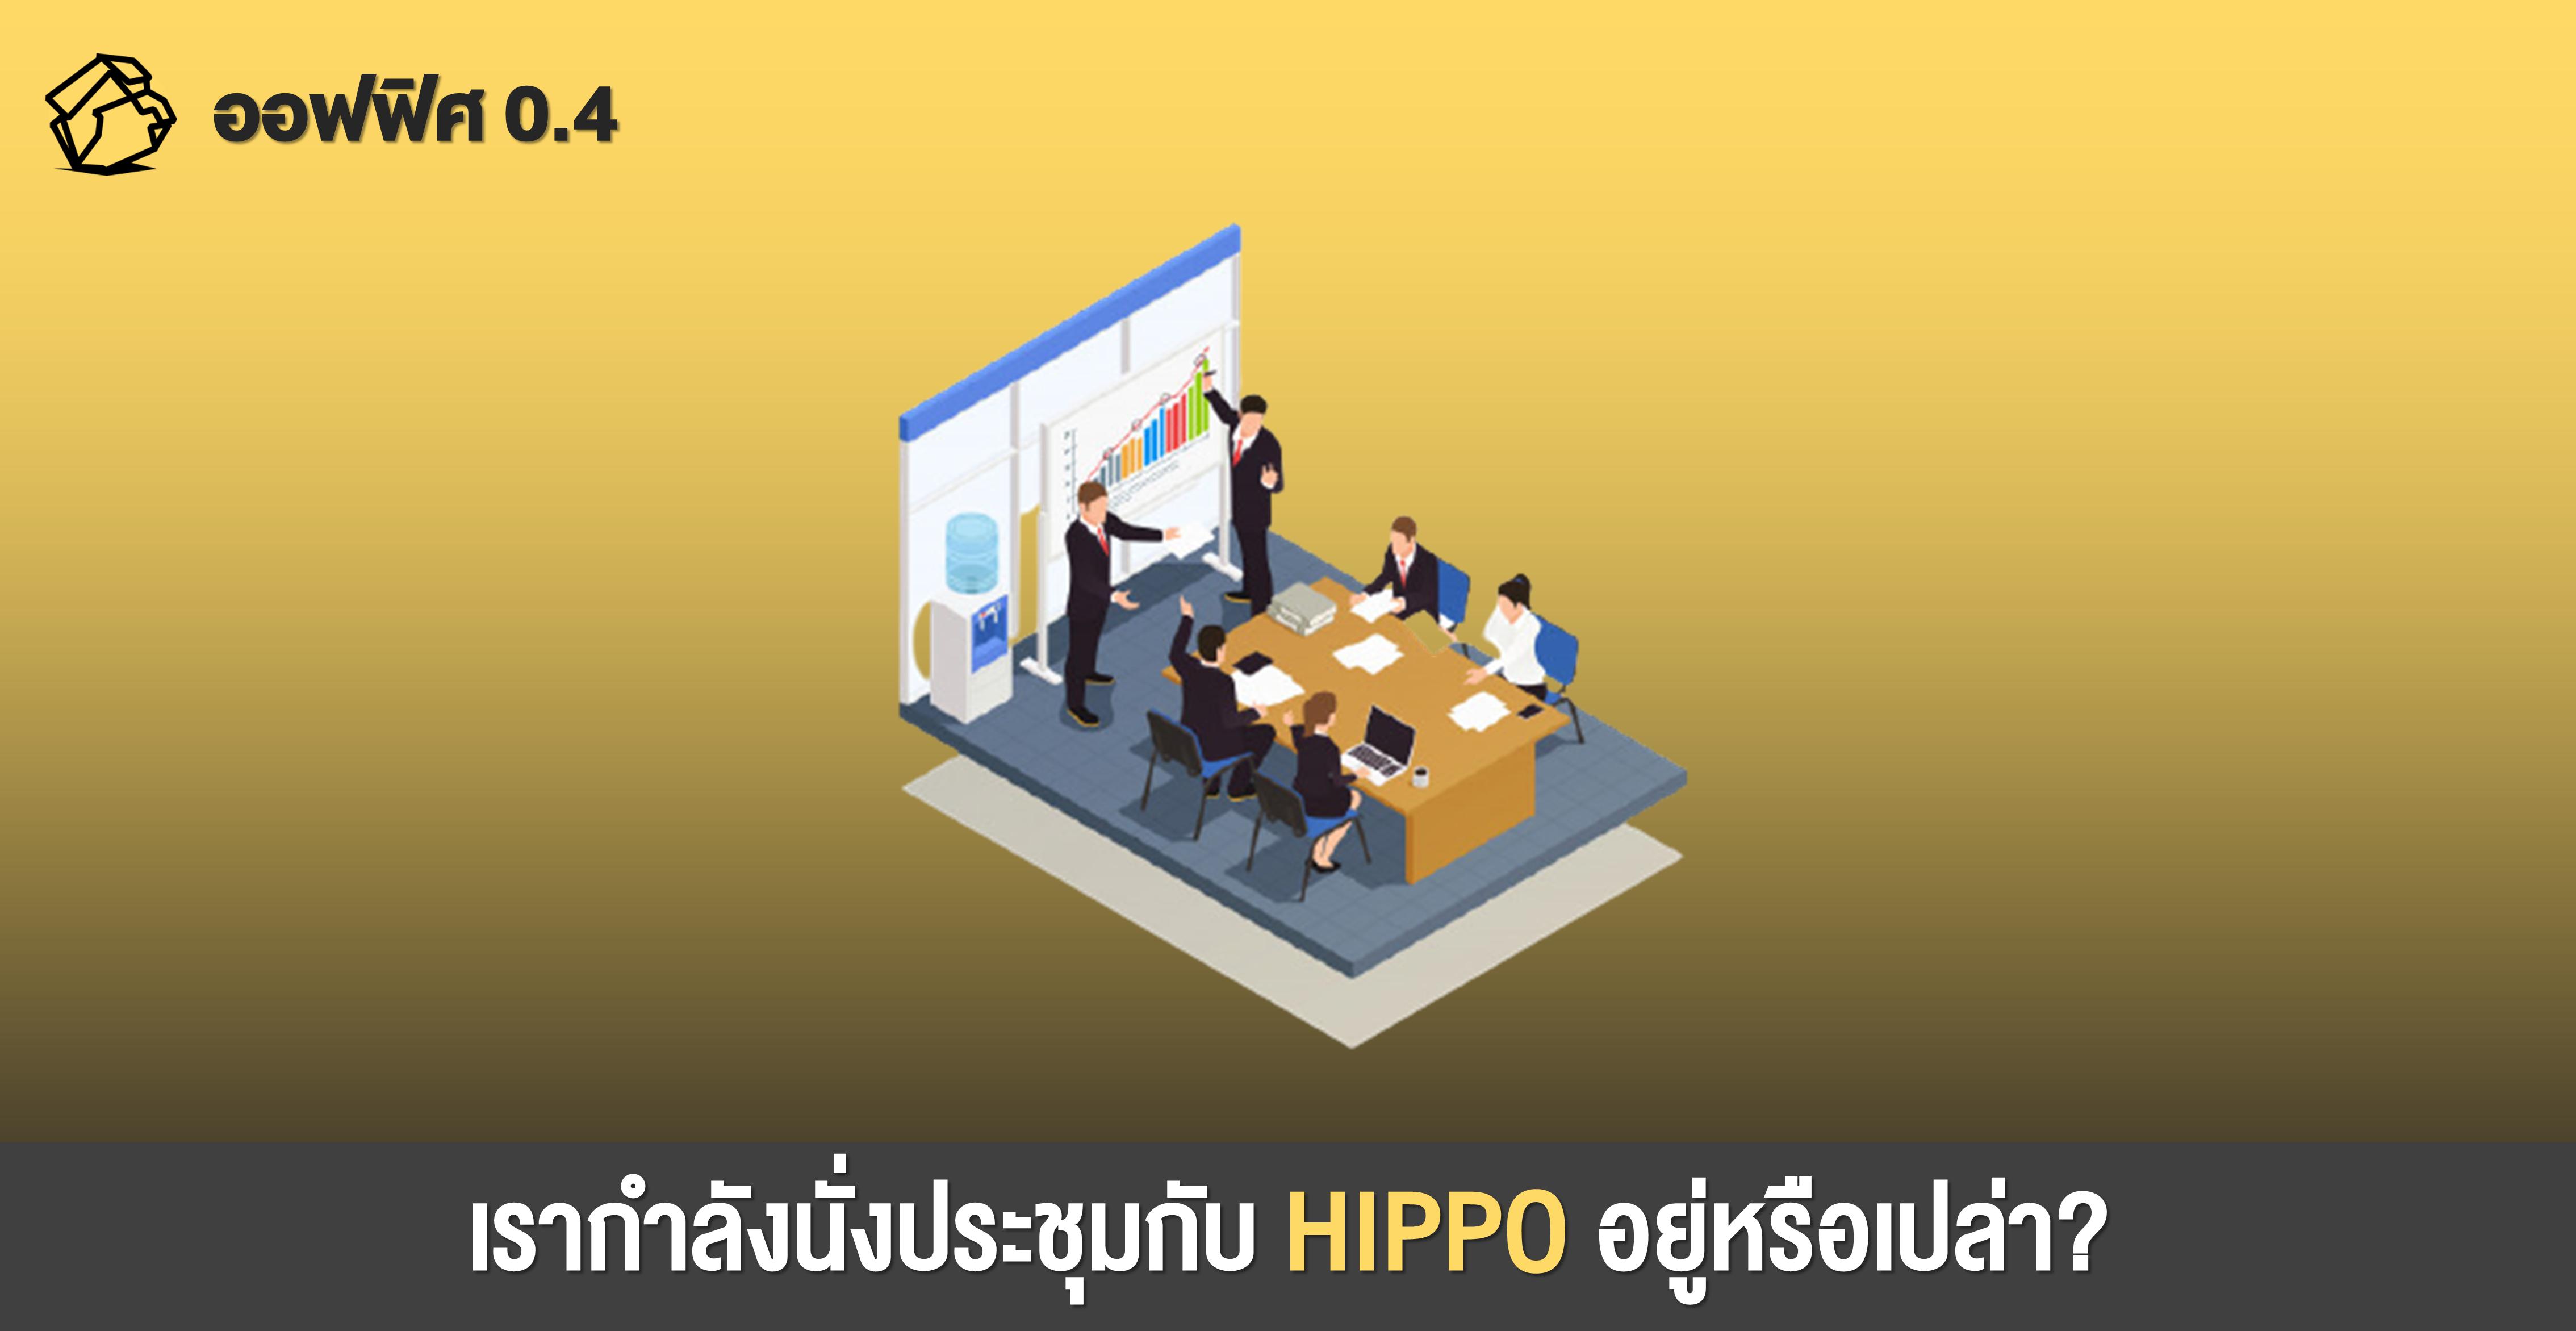 หัวหน้า HIPPO